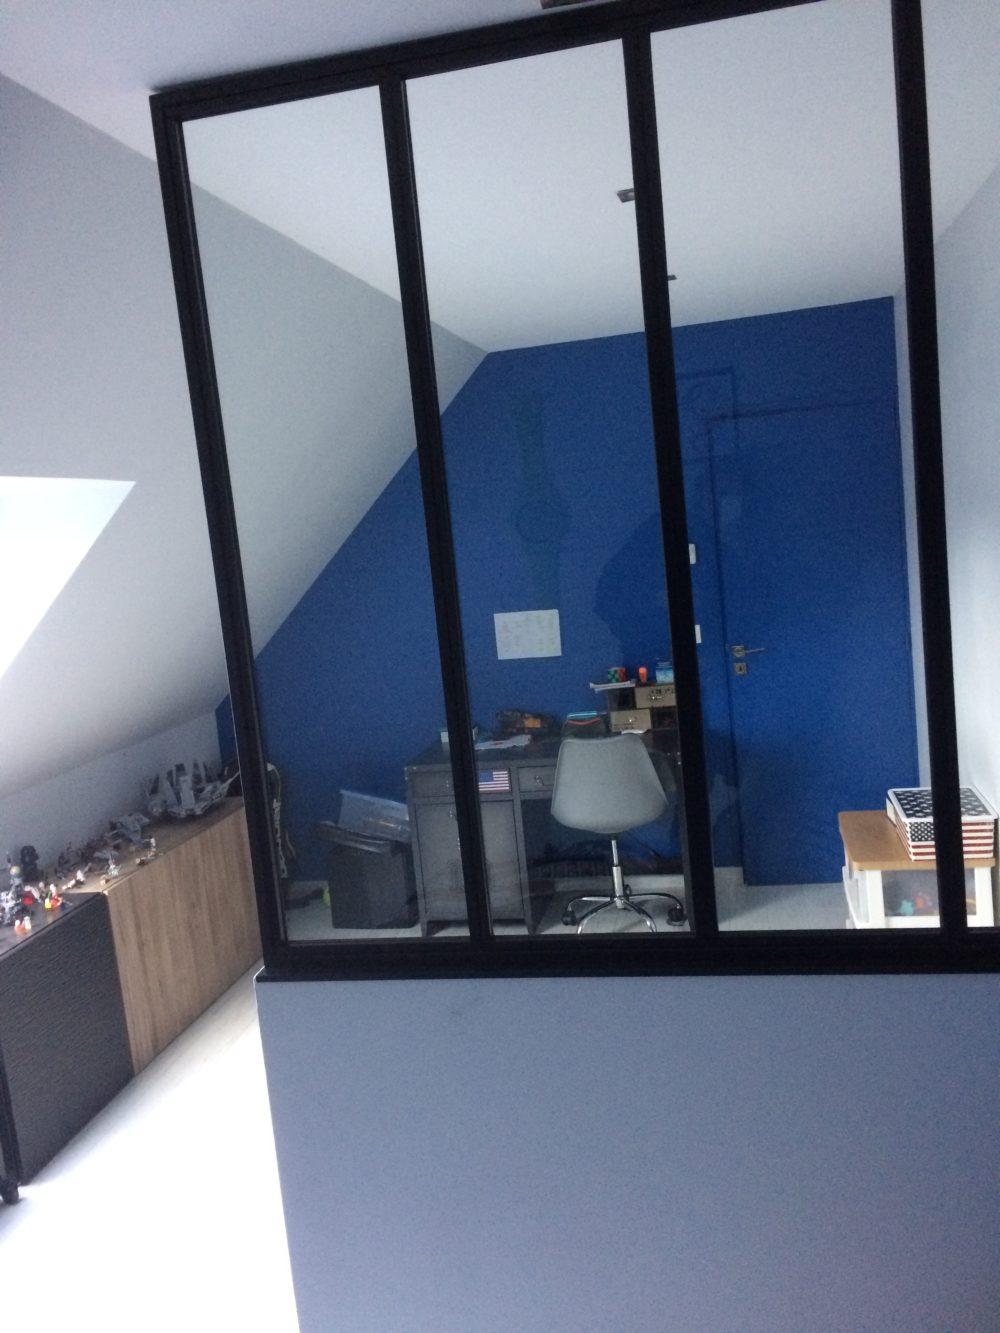 Architecte D Intérieur Boulogne Sur Mer décoration d'intérieur chambre d'adolescent style industriel